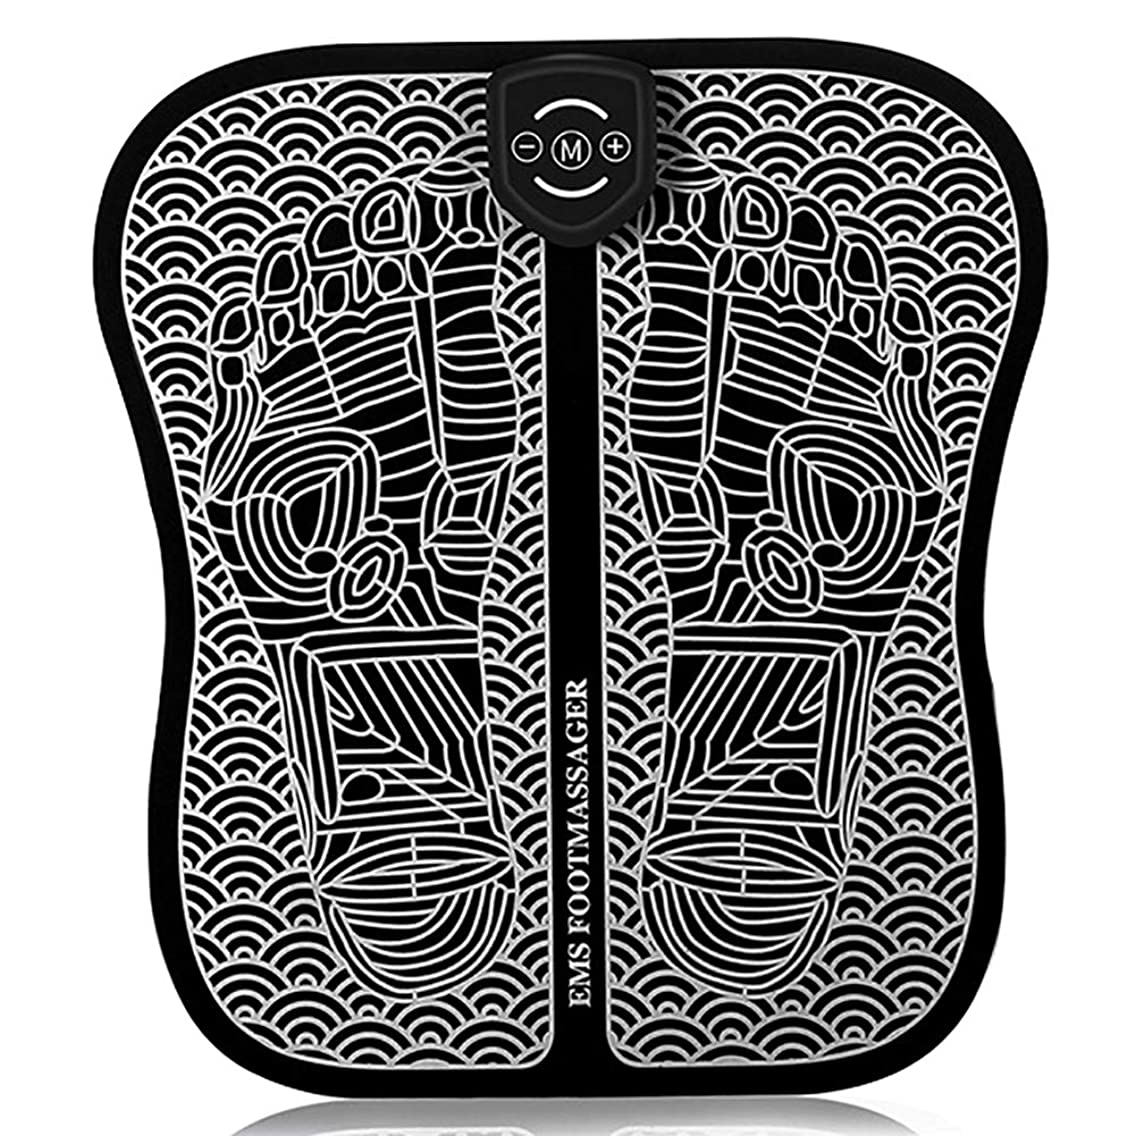 距離キャベツすり減る理性的なEMSのフィートの脈拍のマッサージャー、足のマッサージのマット6モード9種類の強さusbの充満携帯用折りたたみのマッサージのクッション誰にも,Chargingstyle